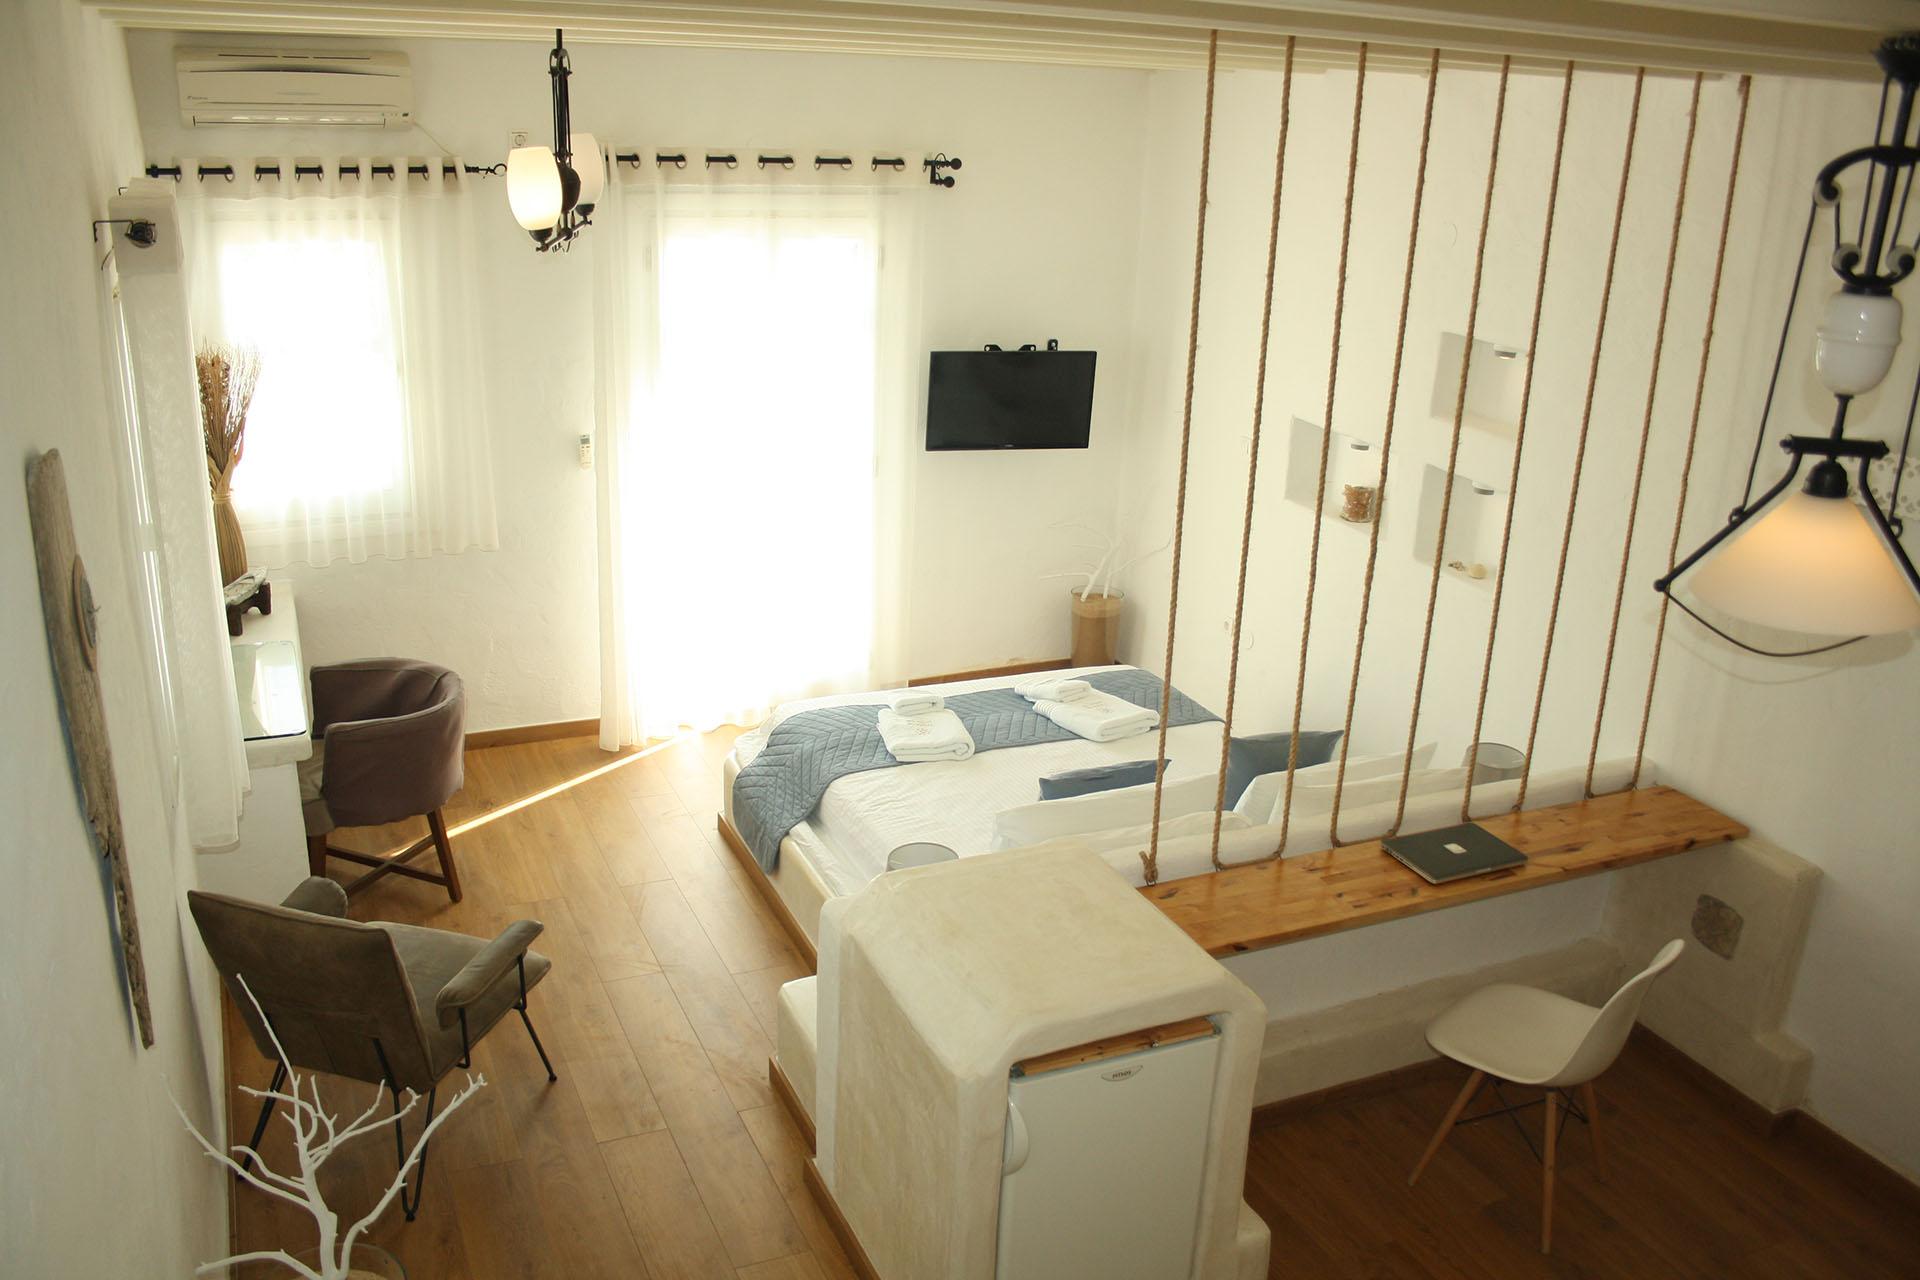 Πολυτελές Δωμάτιο Καστελάνο